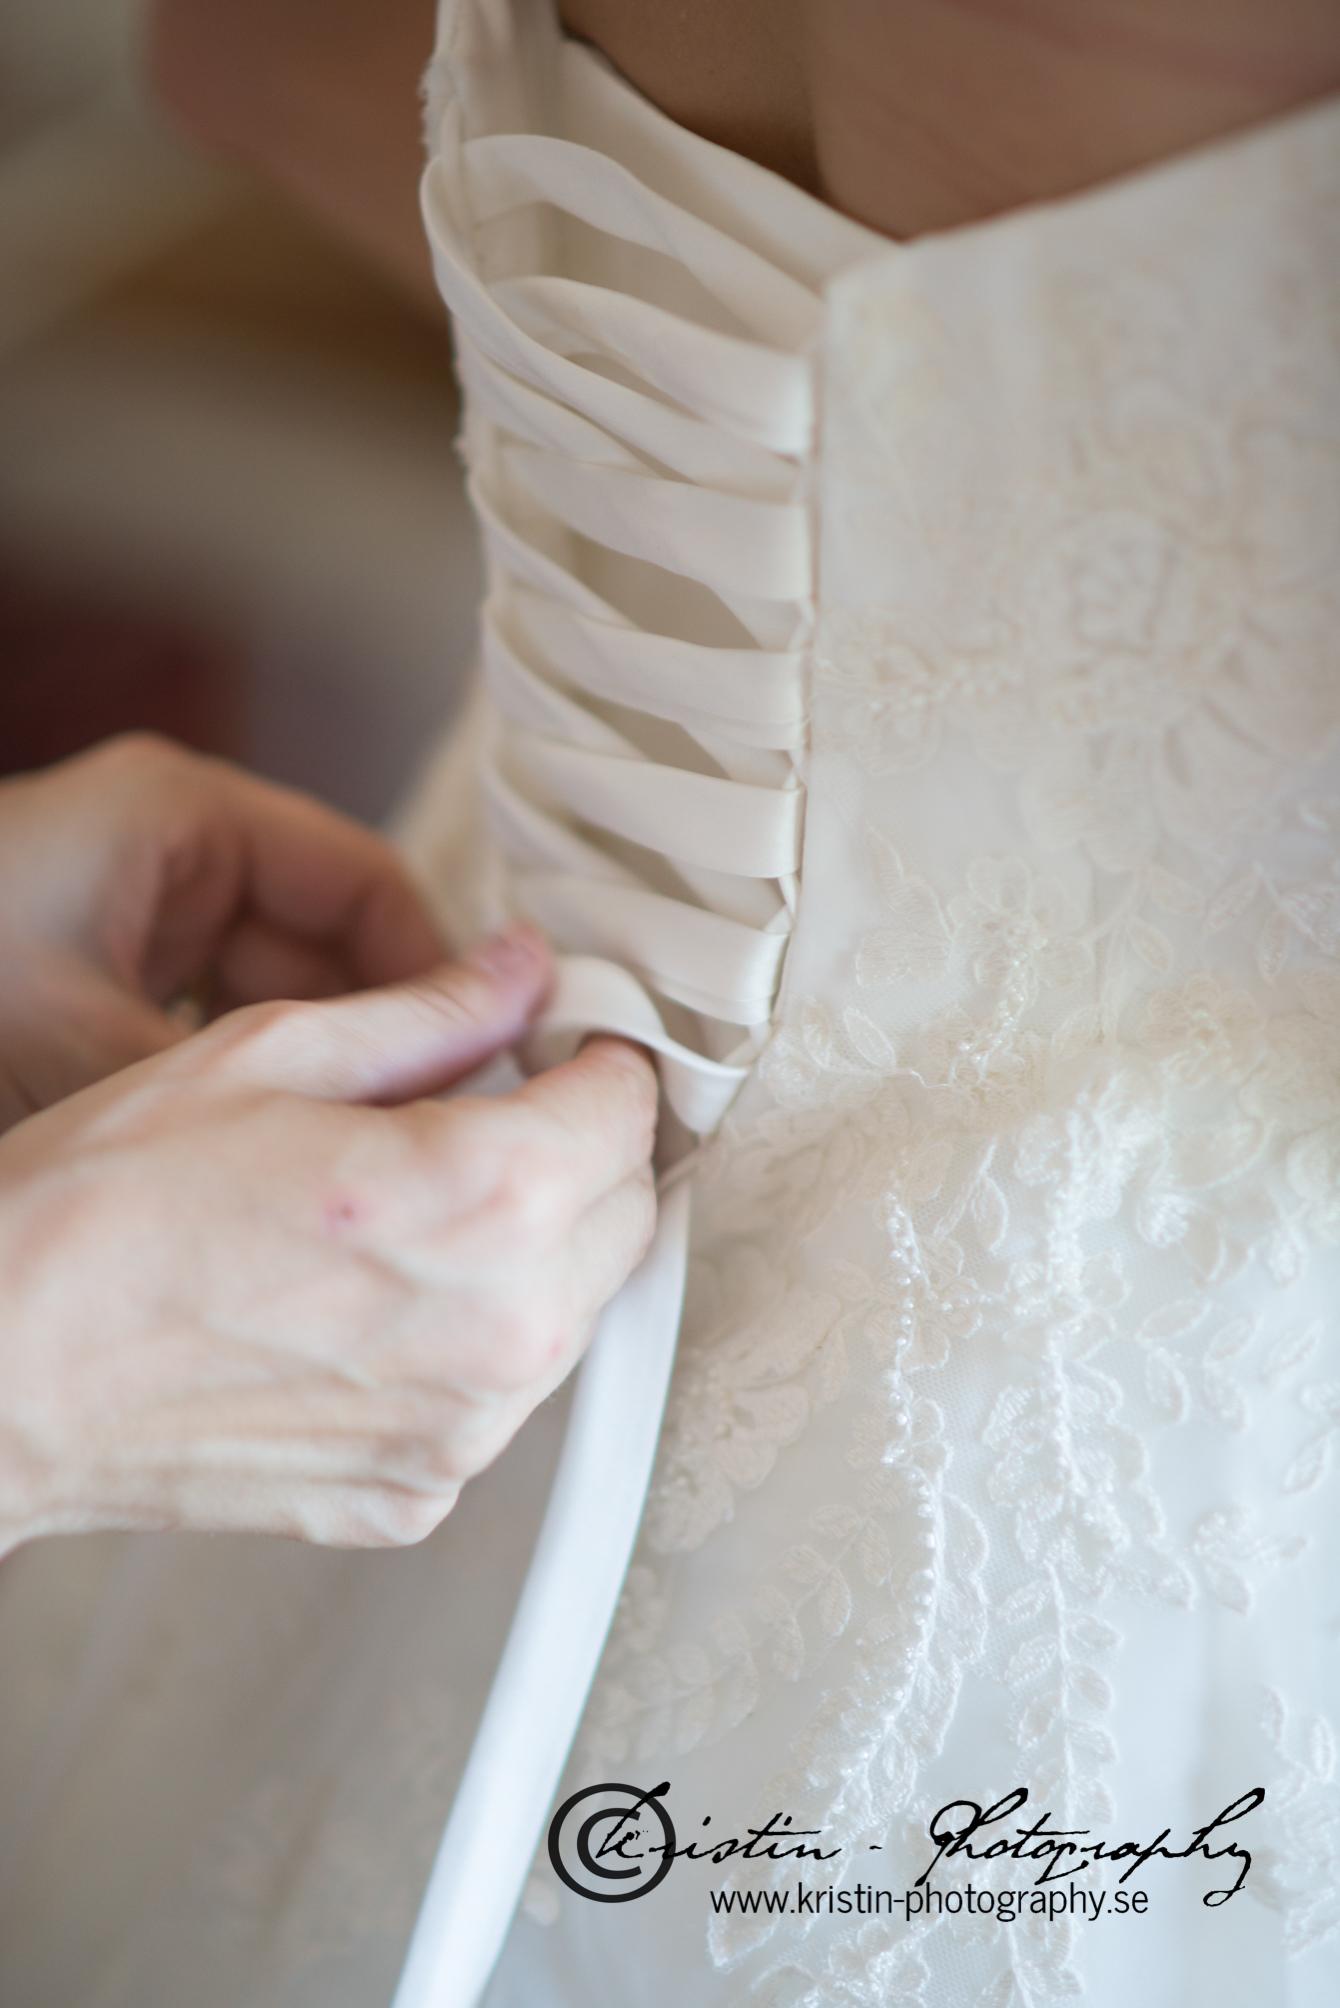 Bröllopsfotograf i Eskilstuna, Kristin - Photography, weddingphotographer -92.jpg